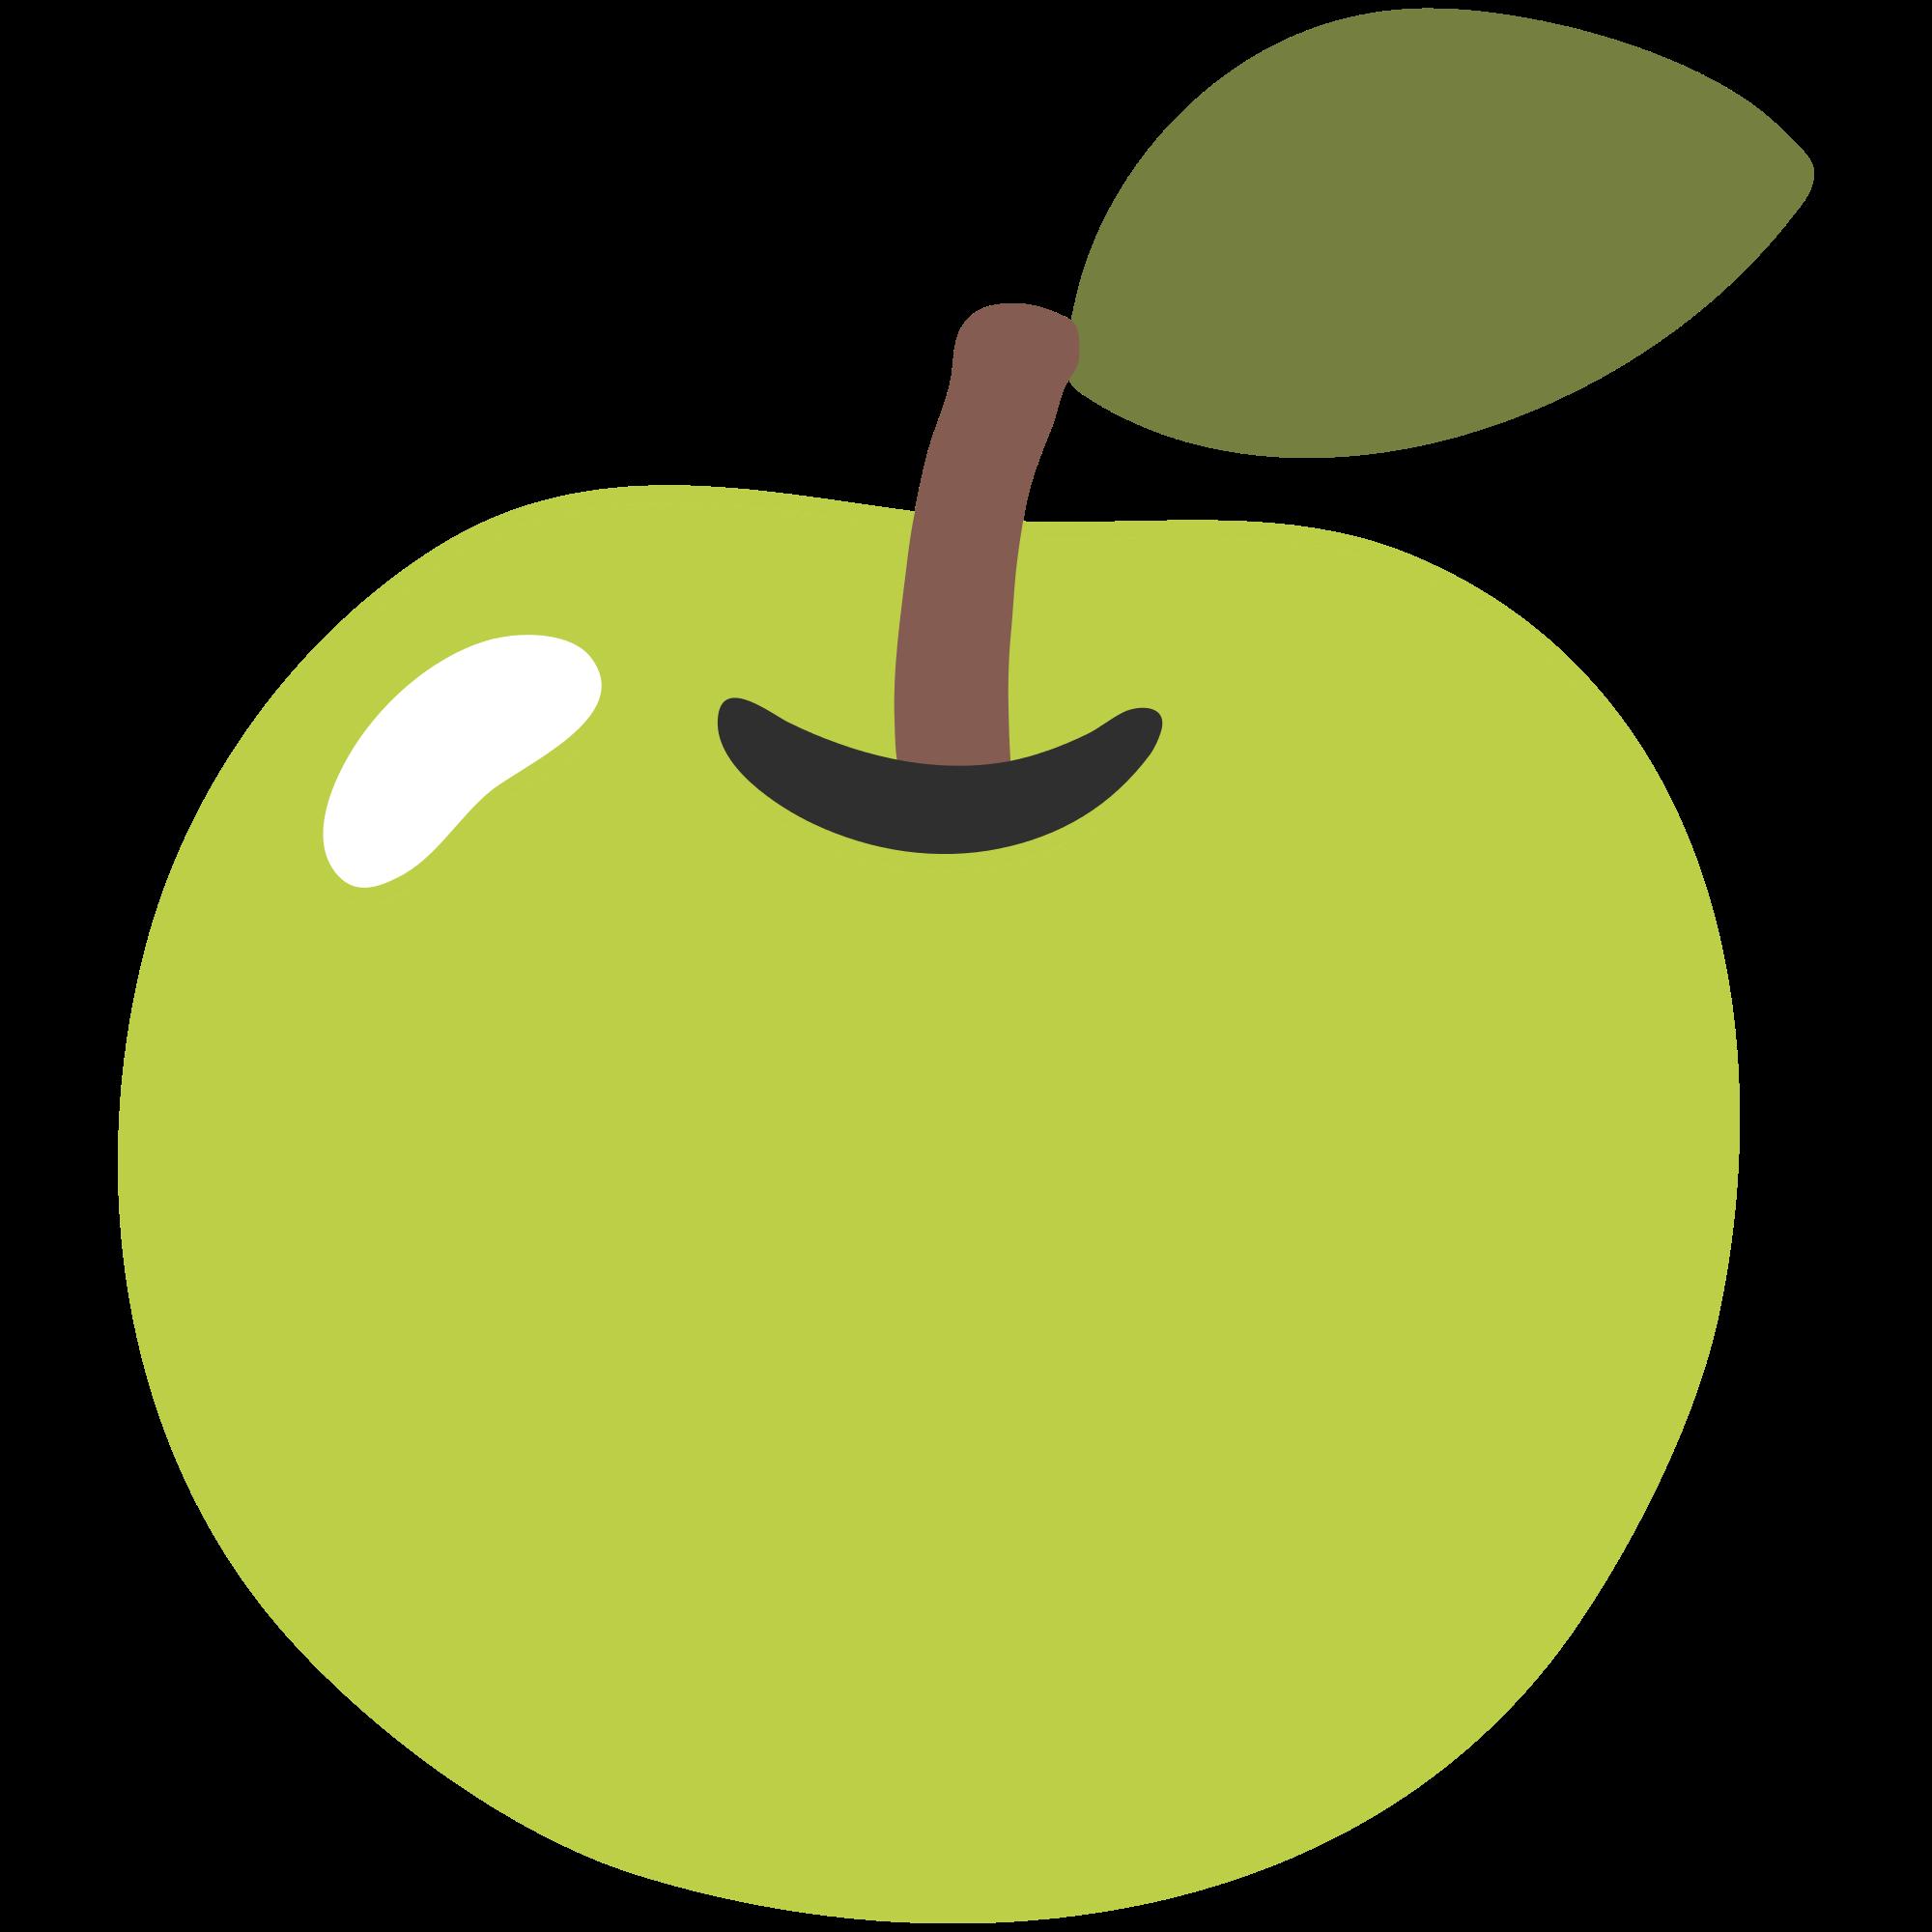 Clipart apple transparent background. Emoji png stickpng download